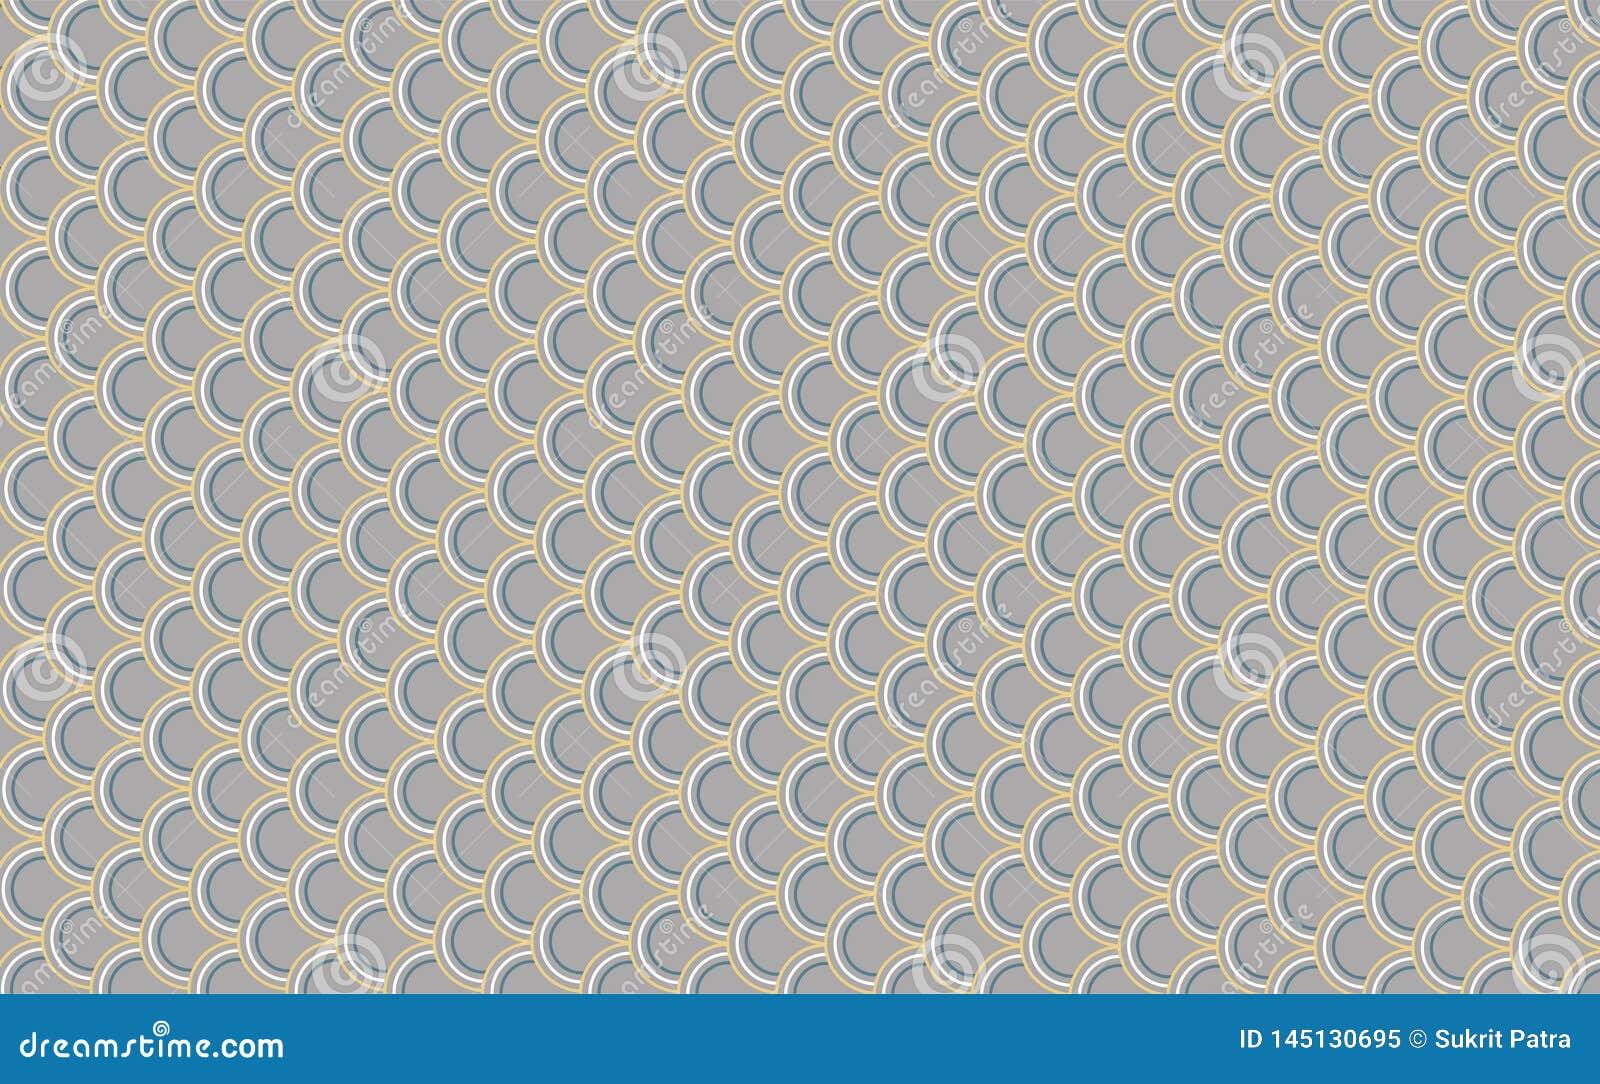 Gelijkaardig patroon als achtergrond, grijze vissenschalen, weerspiegelende gele randen Japanse stijlachtergrond - vector